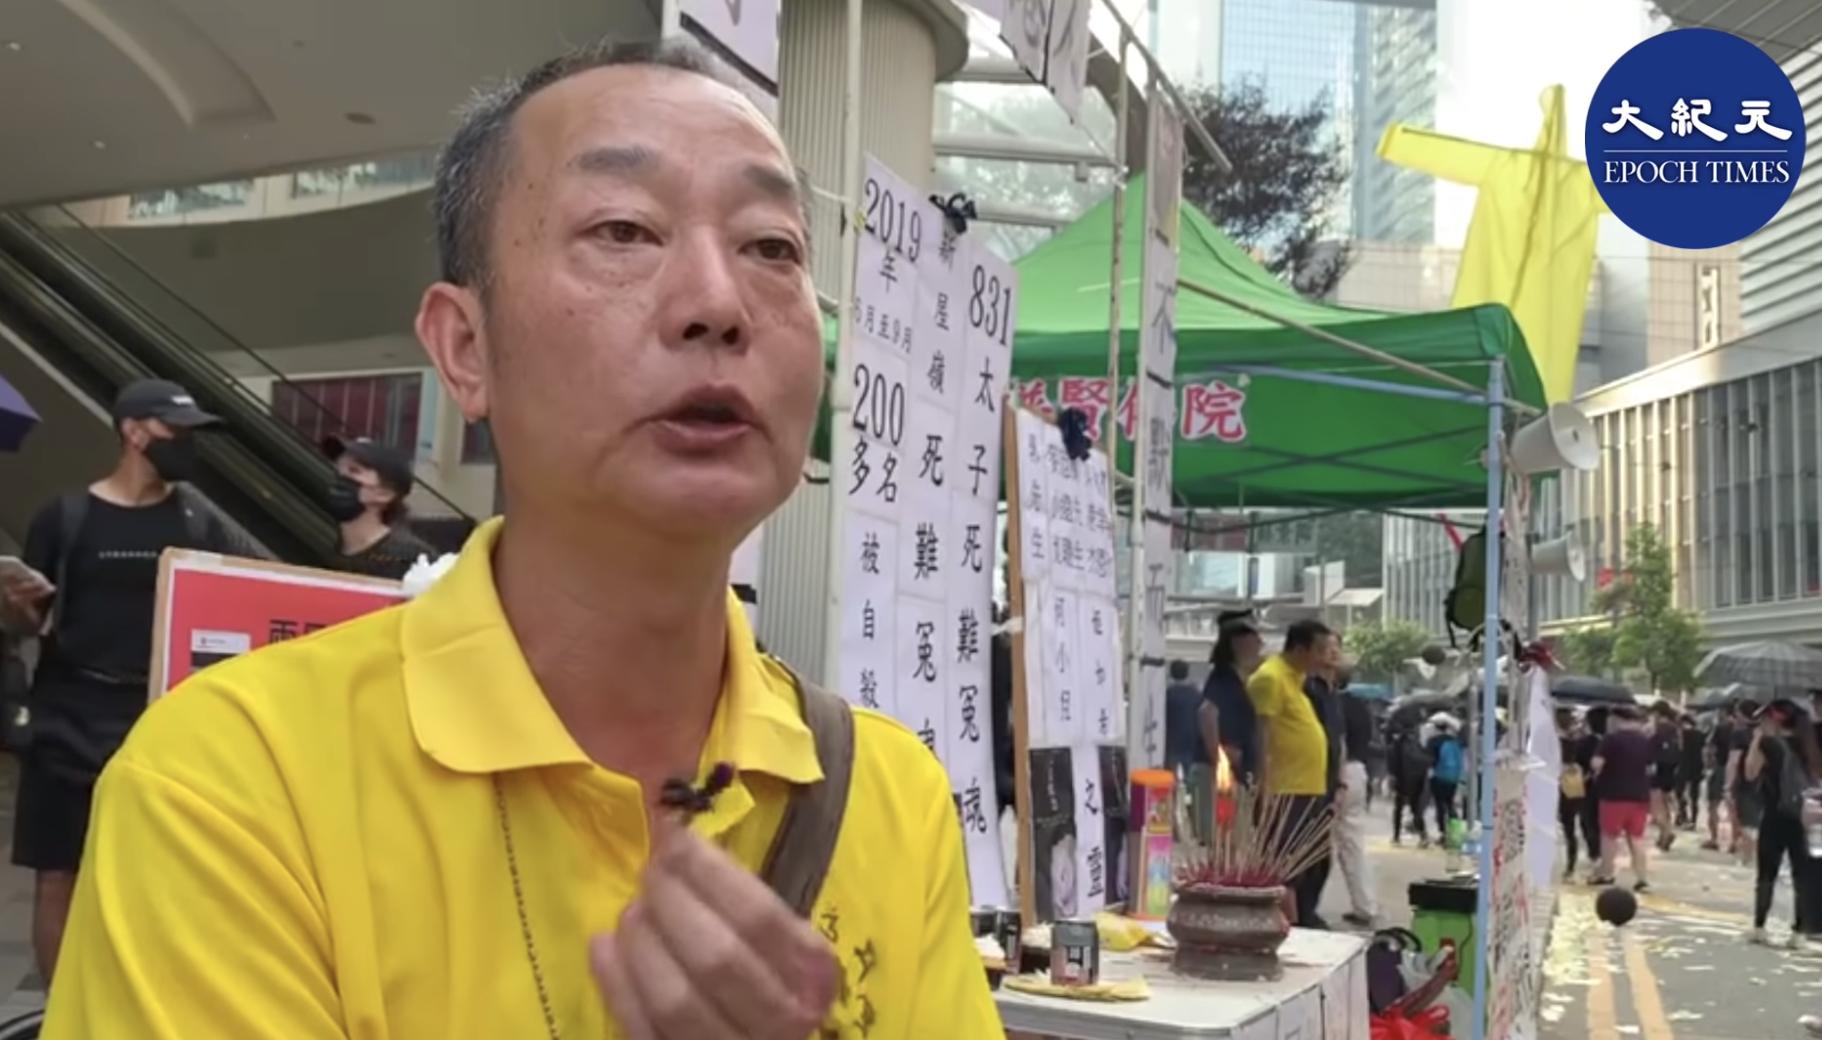 生於佛教世家的劉先生勸喻香港警察,不要以為眼下擁有武力,就可以隨便打殺香港市民。去看一下歷史,就可預知自己將來的下場。因果循環,報應不爽。(視頻截圖)